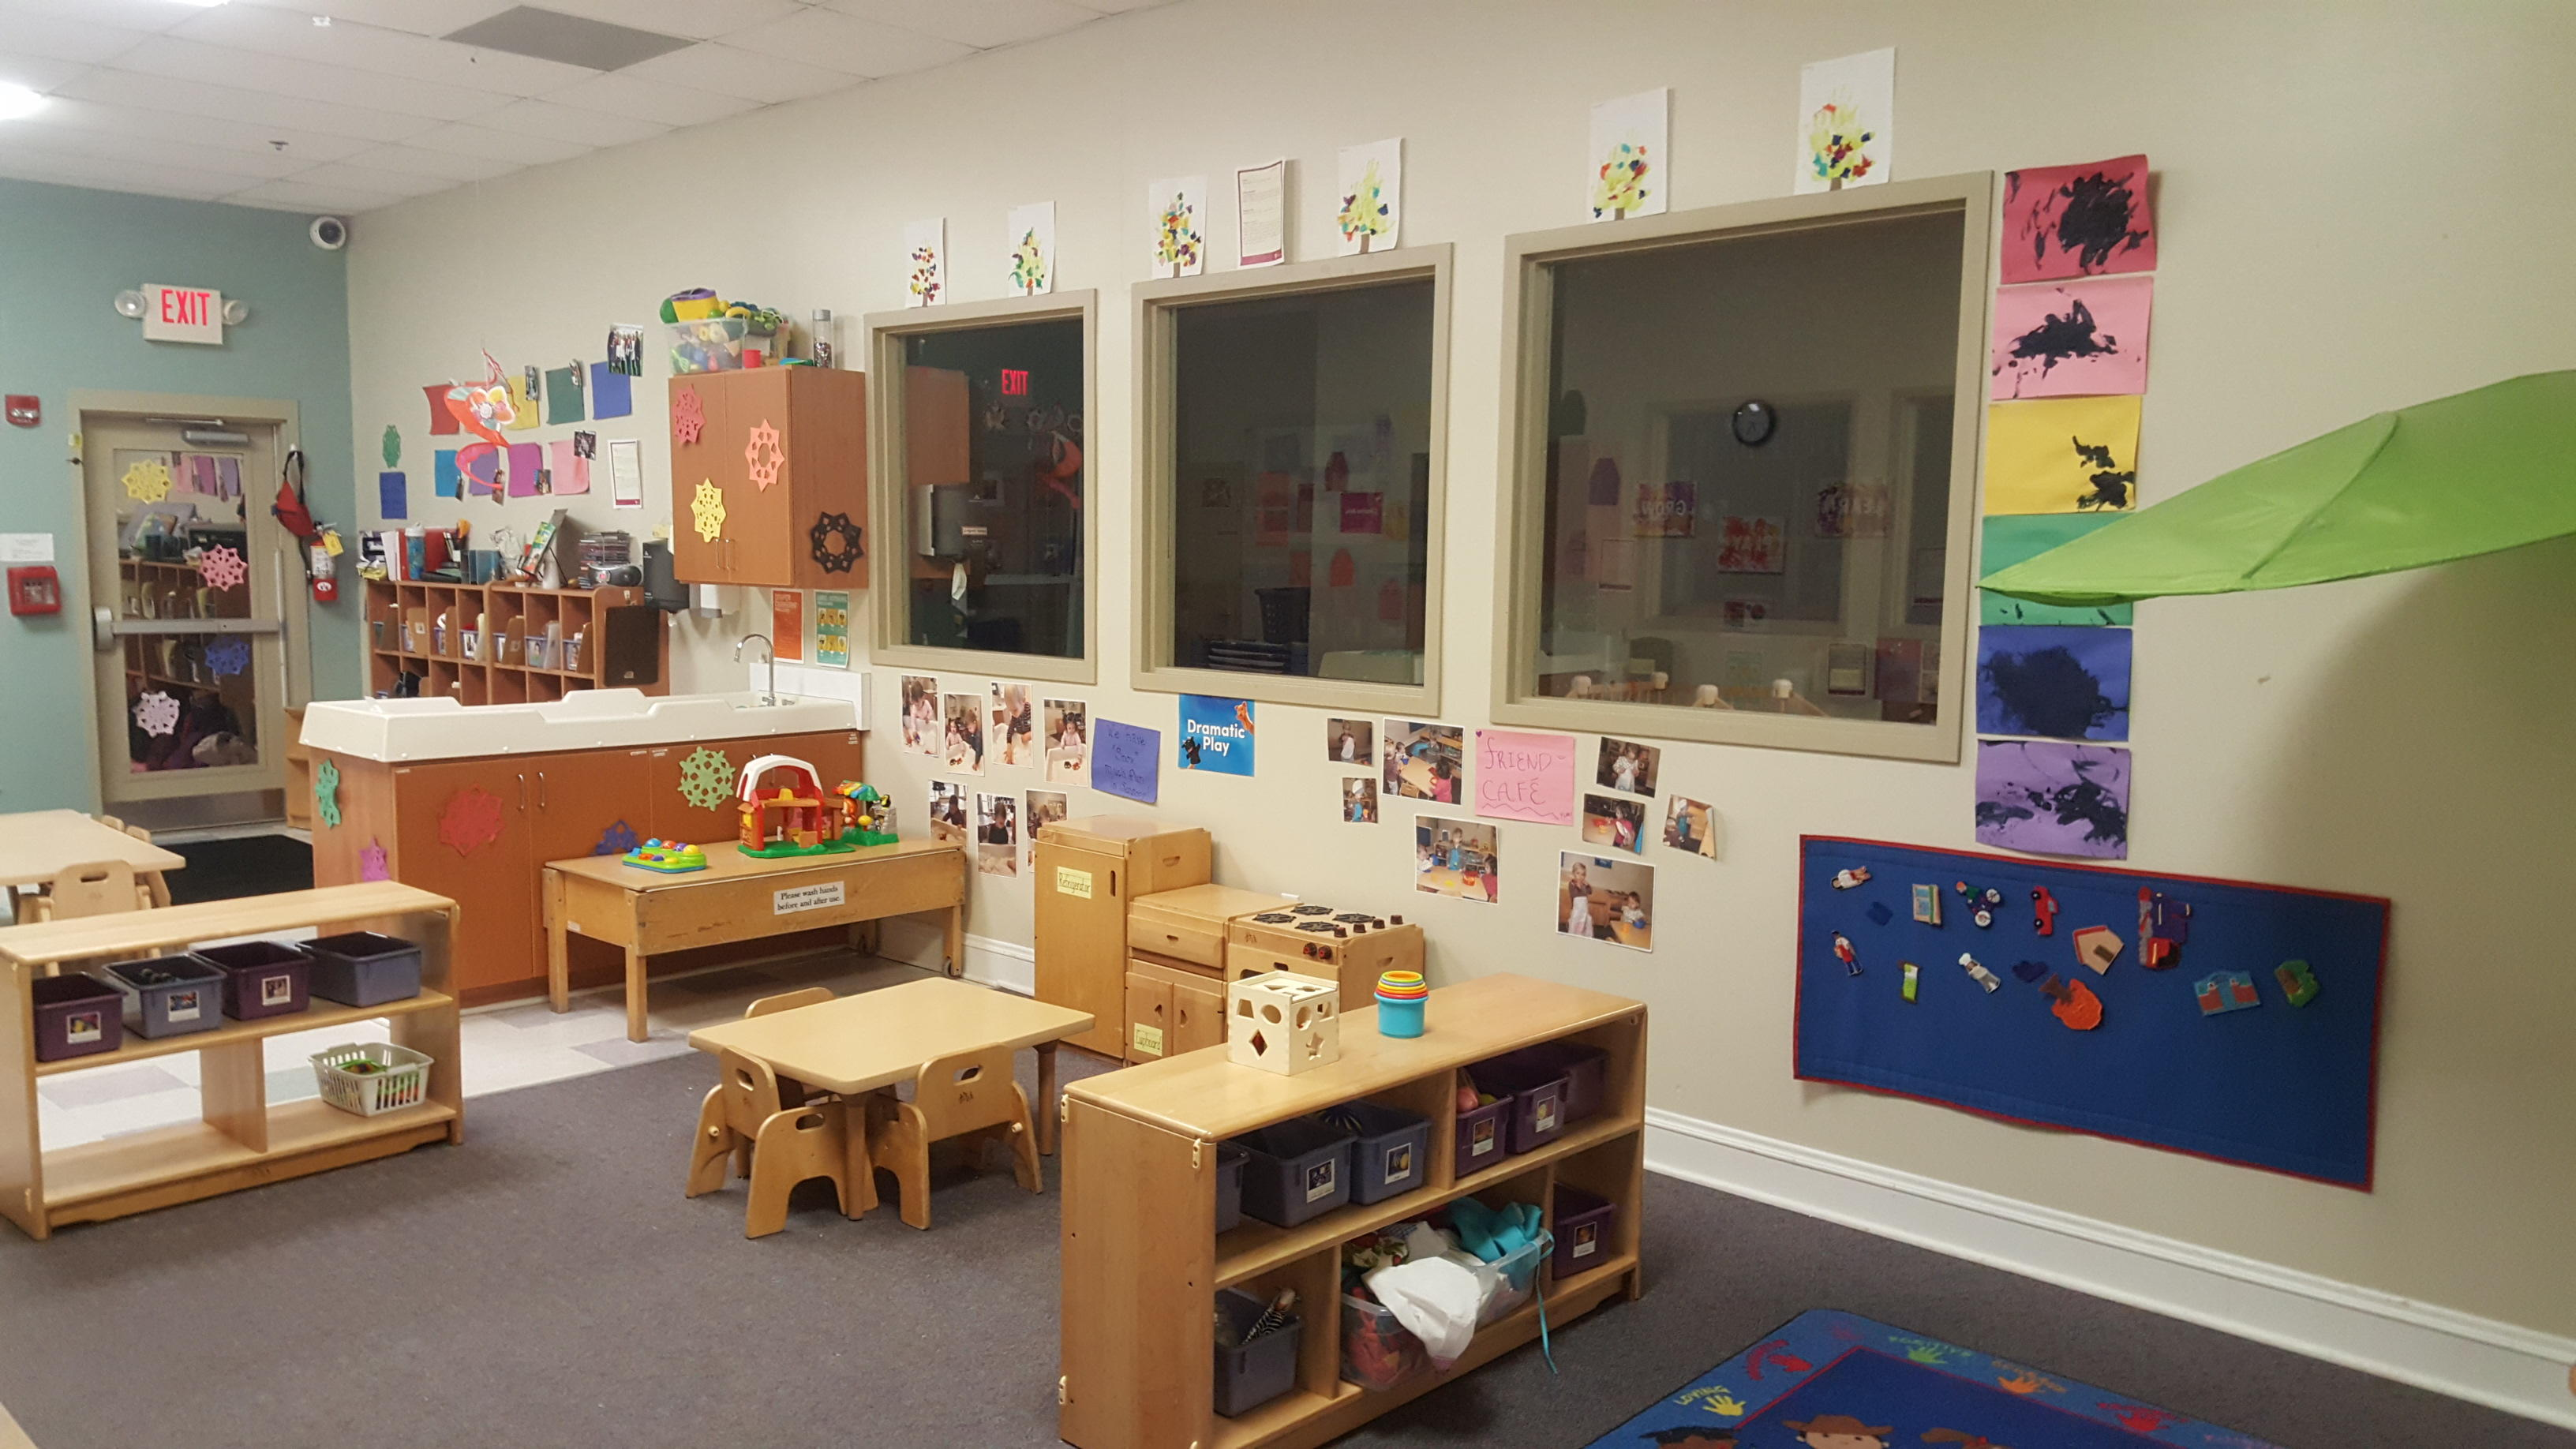 Woodbury Knowledge Beginnings image 5